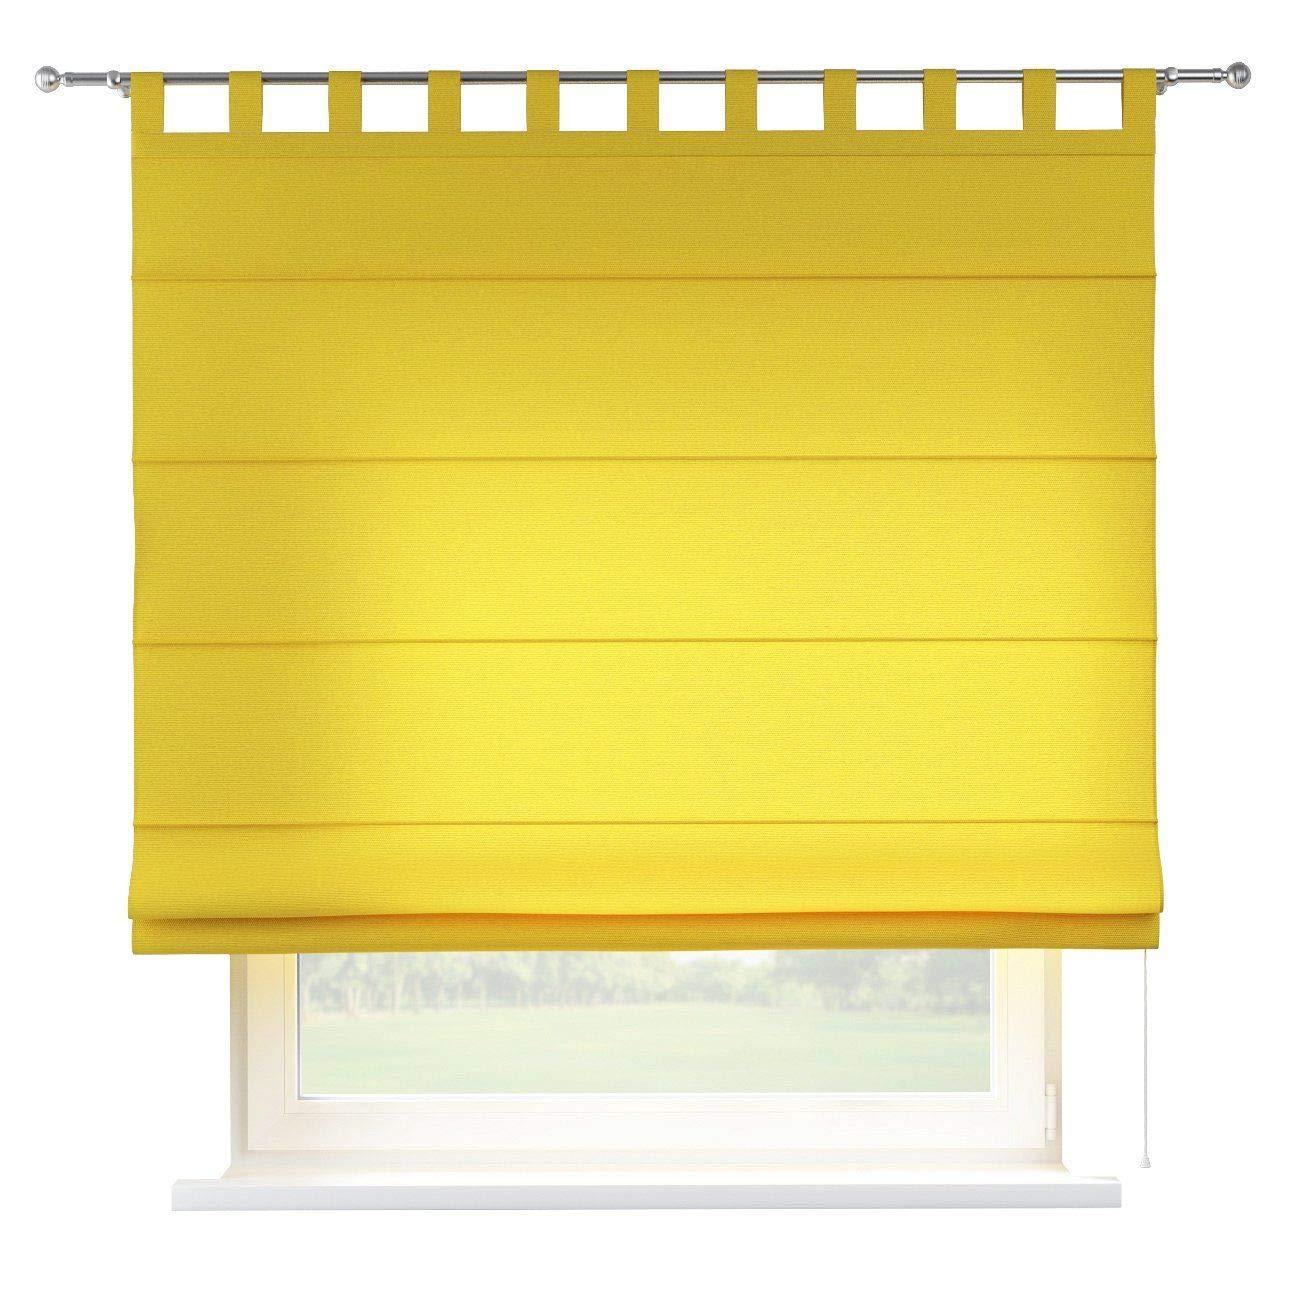 Dekoria Raffrollo Verona ohne Bohren Blickdicht Faltvorhang Raffgardine × Wohnzimmer Schlafzimmer Kinderzimmer 130 × Raffgardine 170 cm gelb Raffrollos auf Maß maßanfertigung möglich 01bf56